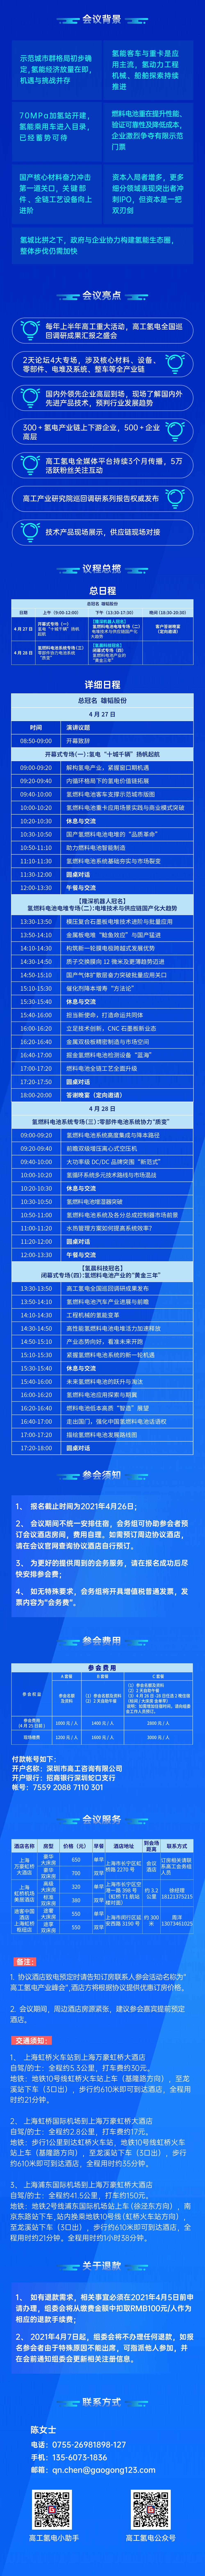 2021高工氢燃料电池产业峰会(上海)专题.png